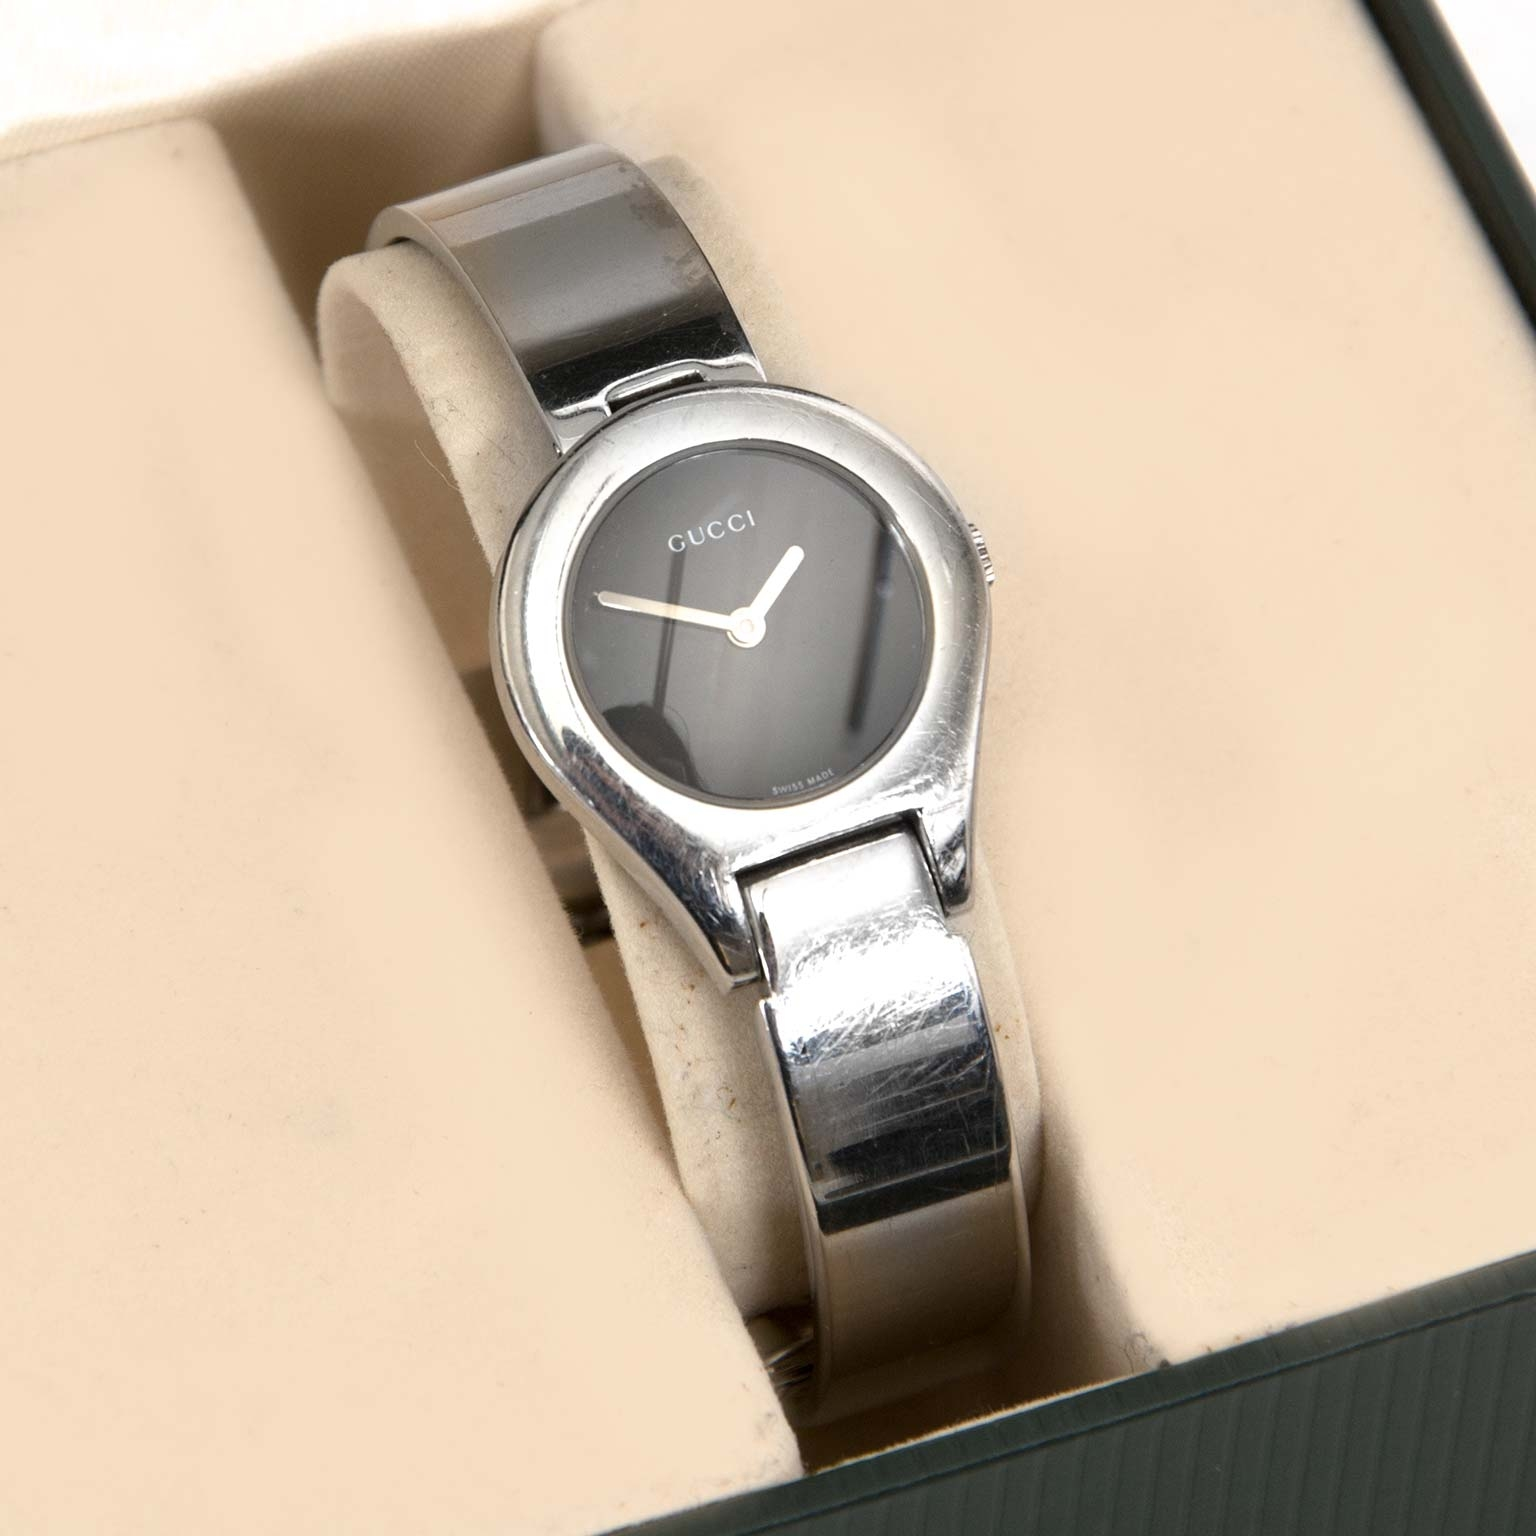 Gucci Silver 6700 L Series Watch  en vendre chez labellov anvers au meilleur prix